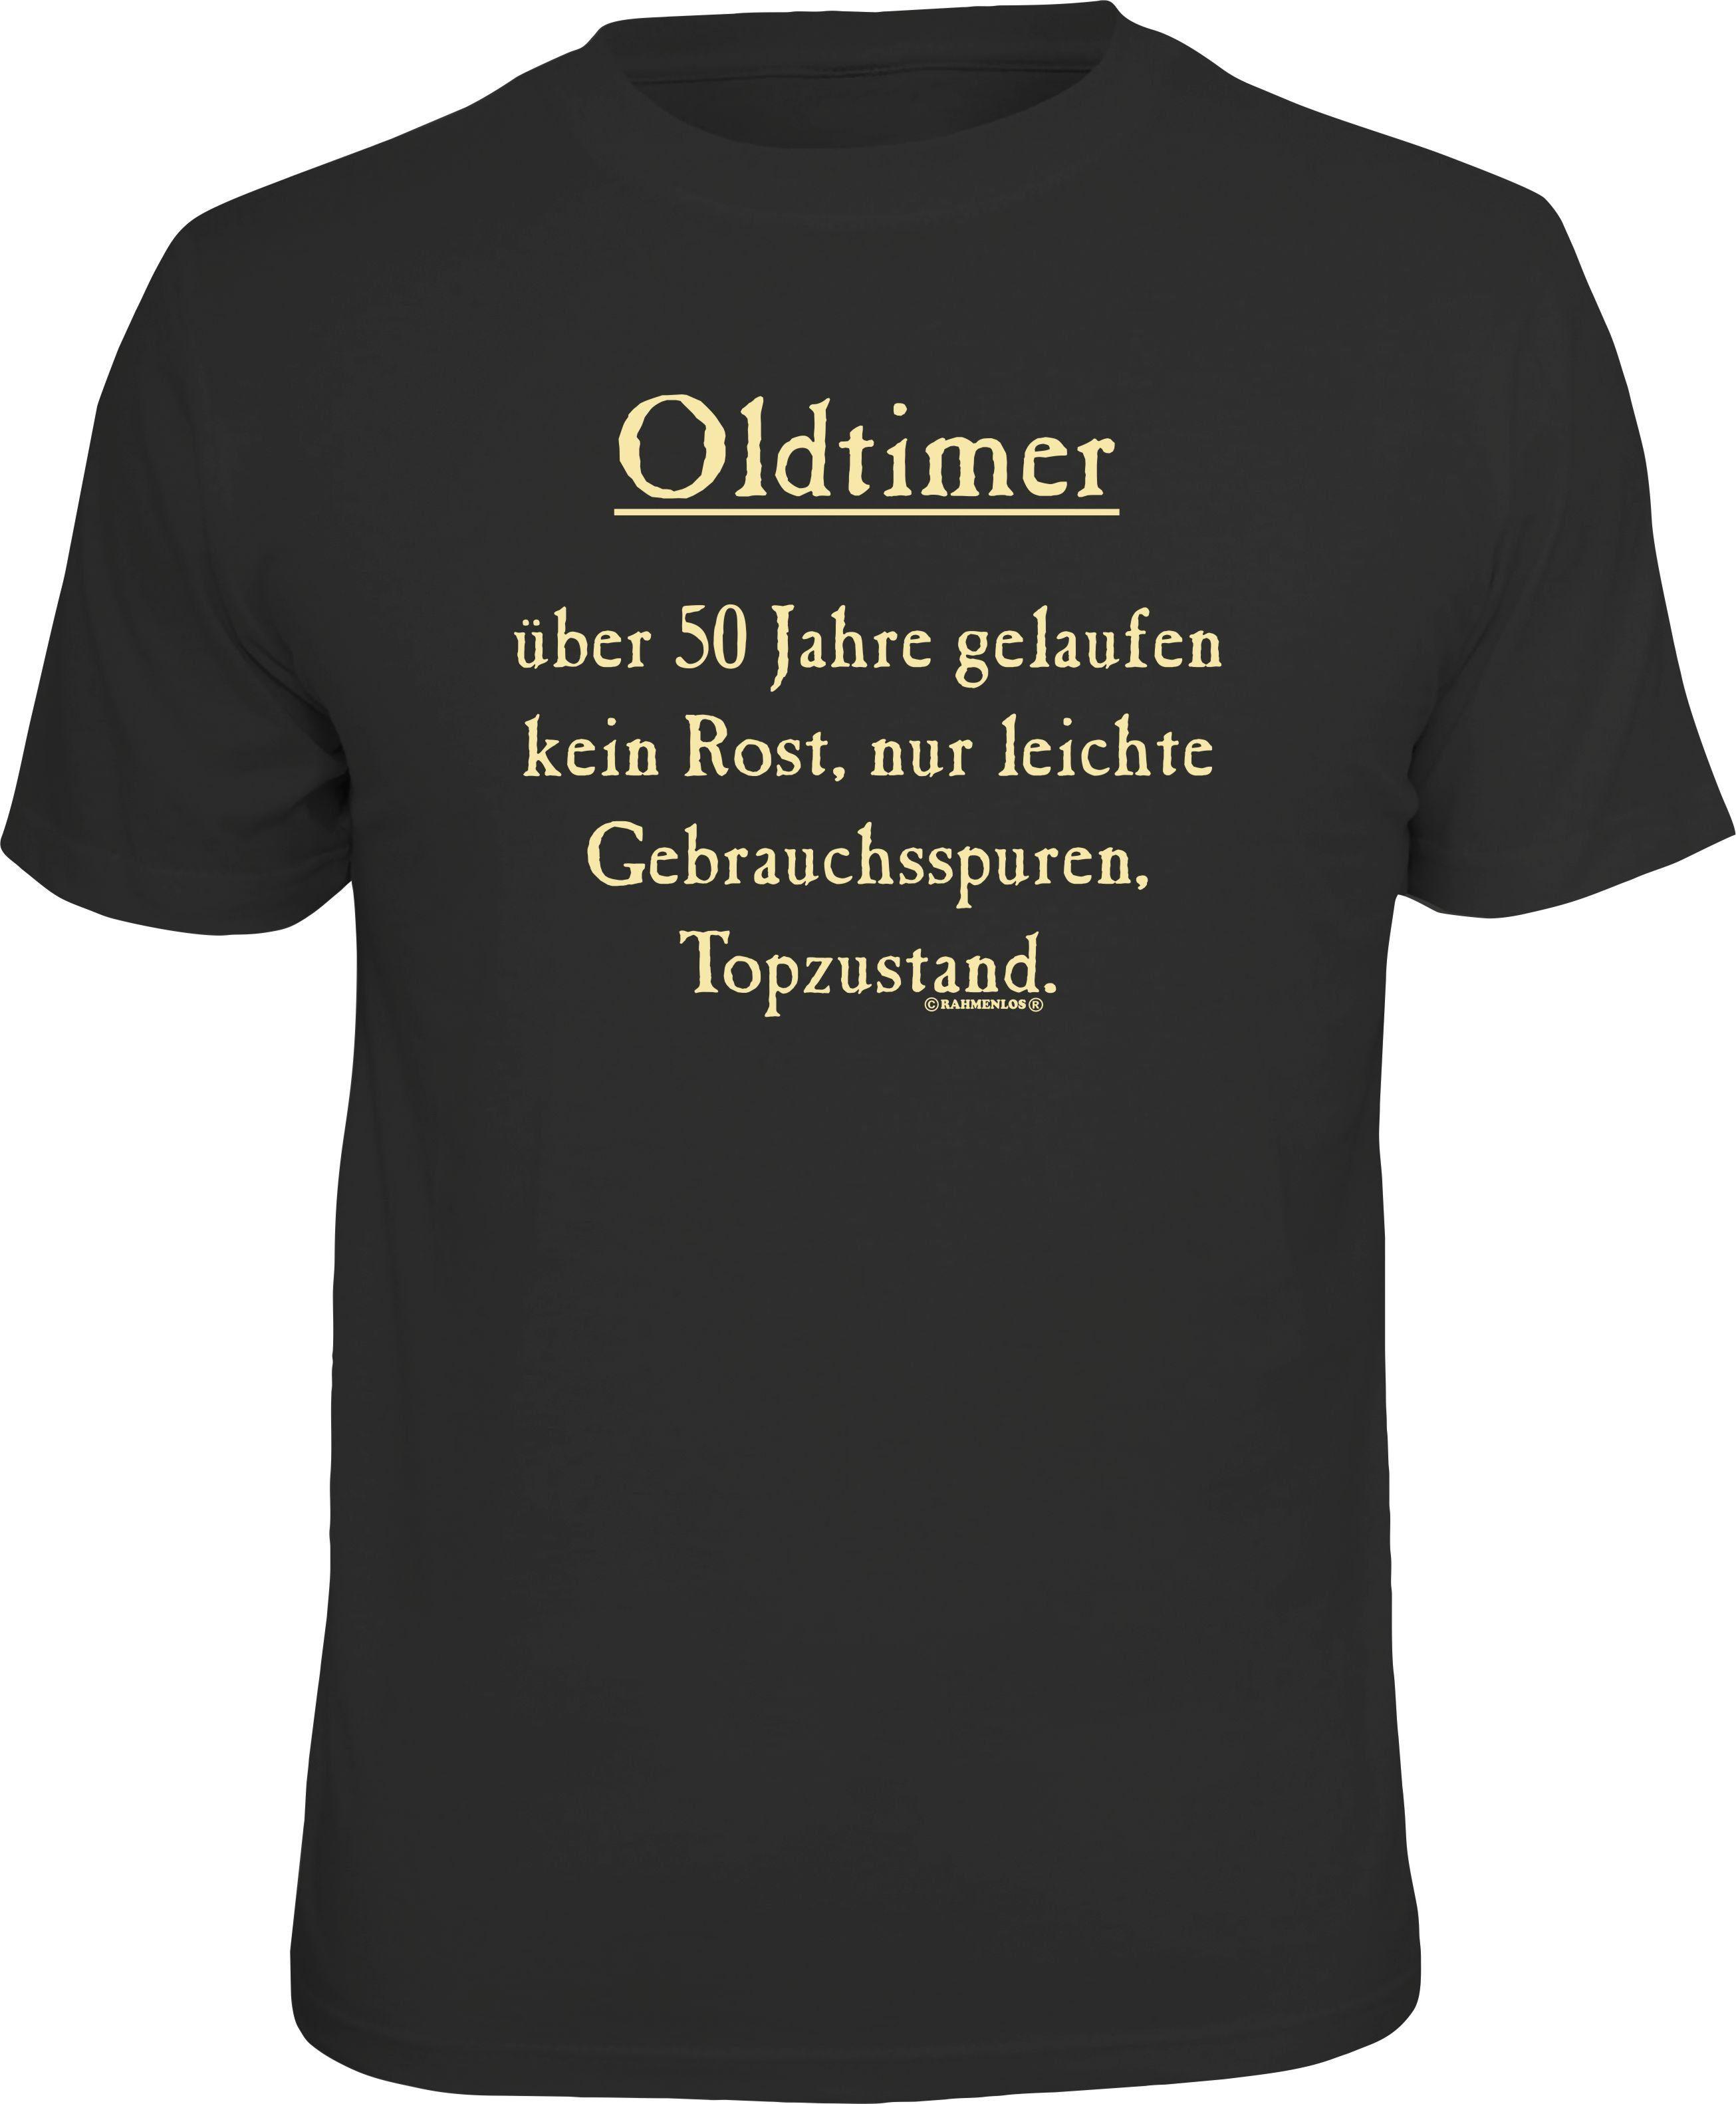 Rahmenlos T-Shirt  Oldtimer, über 50 Jahre gelaufen - Topzustand  Preisvergleich